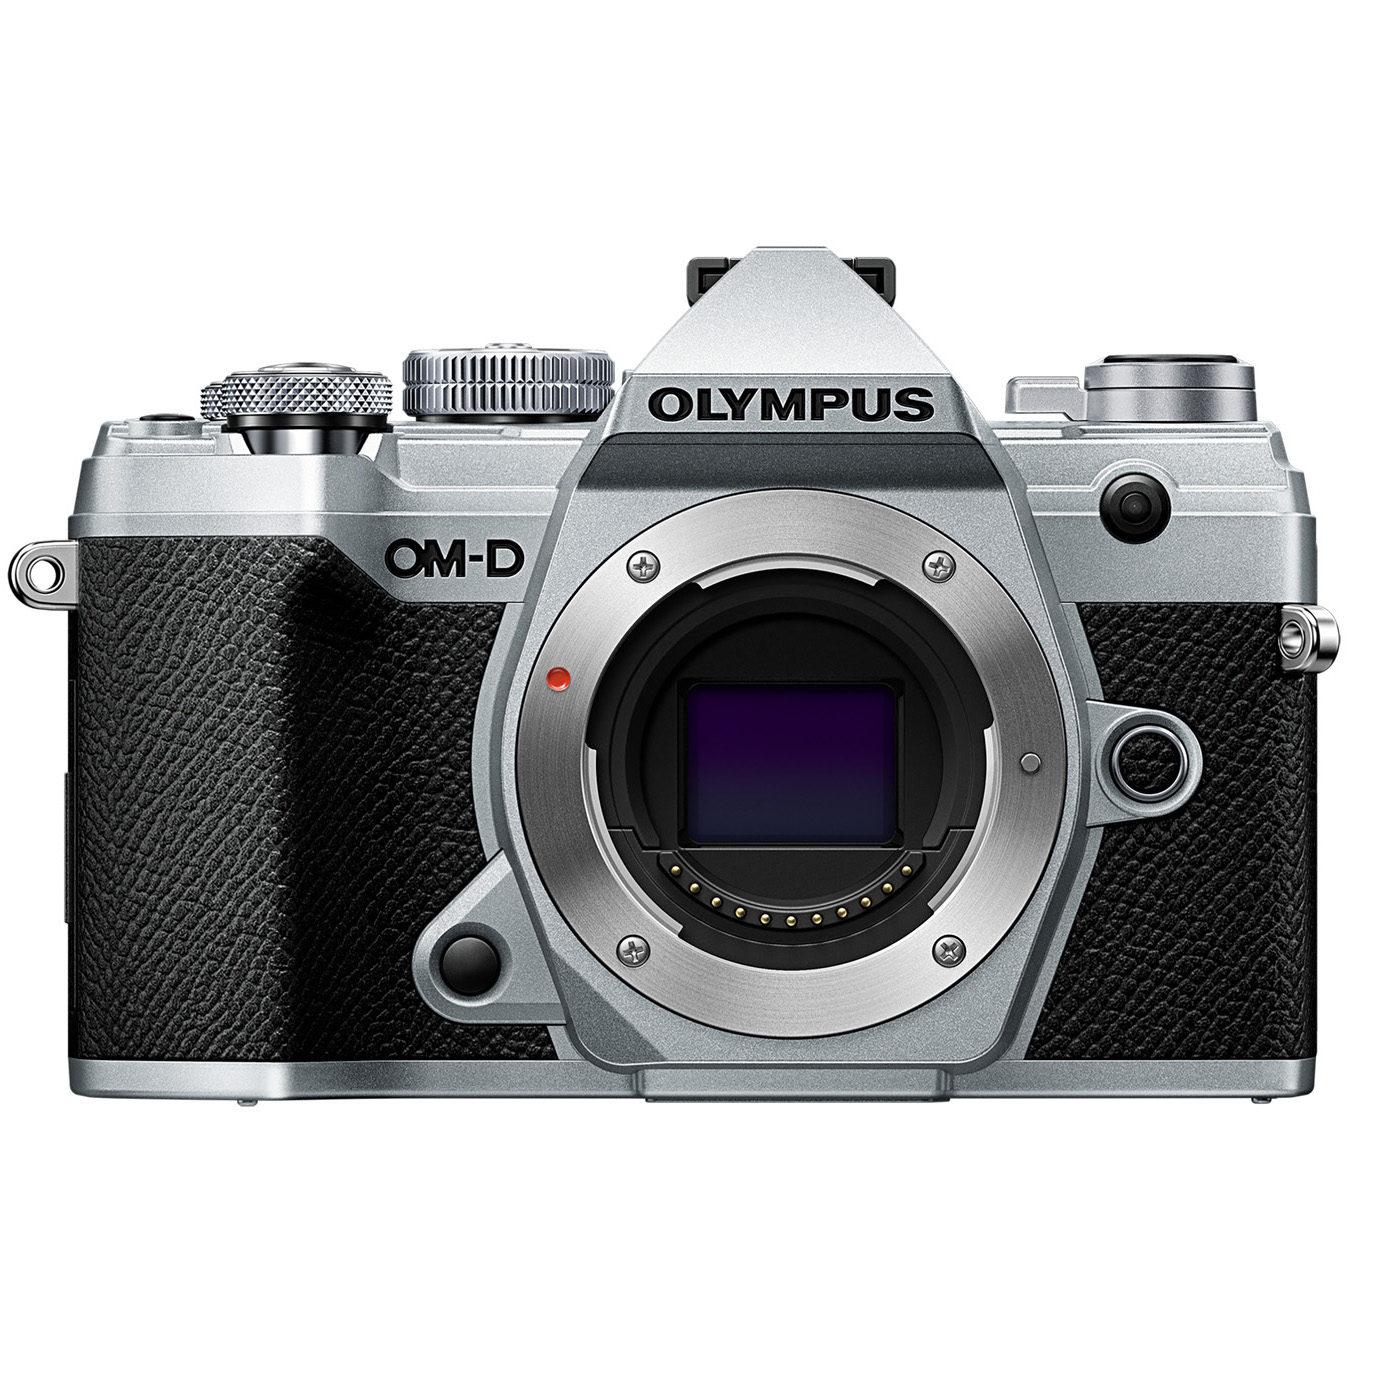 Olympus OM-D E-M5 Mark III systeemcamera Body Zilver <br/>€ 1199.00 <br/> <a href='https://www.cameranu.nl/fotografie/?tt=12190_474631_241358_&r=https%3A%2F%2Fwww.cameranu.nl%2Fnl%2Fp3130157%2Folympus-om-d-e-m5-mark-iii-systeemcamera-body-zilver%3Fchannable%3De10841.MzEzMDE1Nw%26utm_campaign%3D%26utm_content%3DOM-D%2Bserie%26utm_source%3DTradetracker%26utm_medium%3Dcpc%26utm_term%3DDigitale%2Bcamera%26apos%3Bs' target='_blank'>naar de winkel</a>